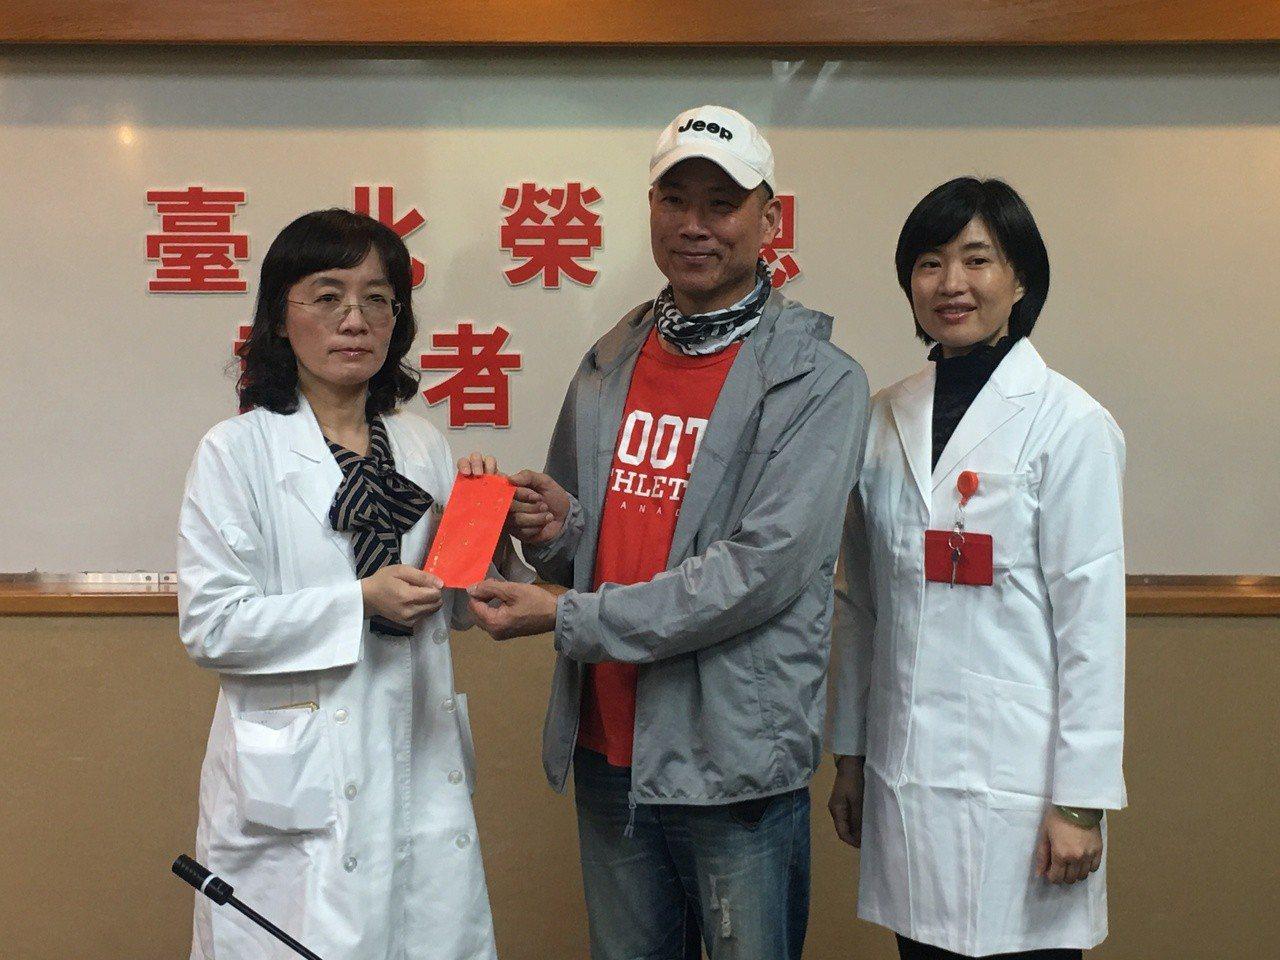 趙先生左腳遭鐵釘刺傷,傷口久未癒,經查發現是感染「偶然分枝桿菌」。從左至右為北榮...